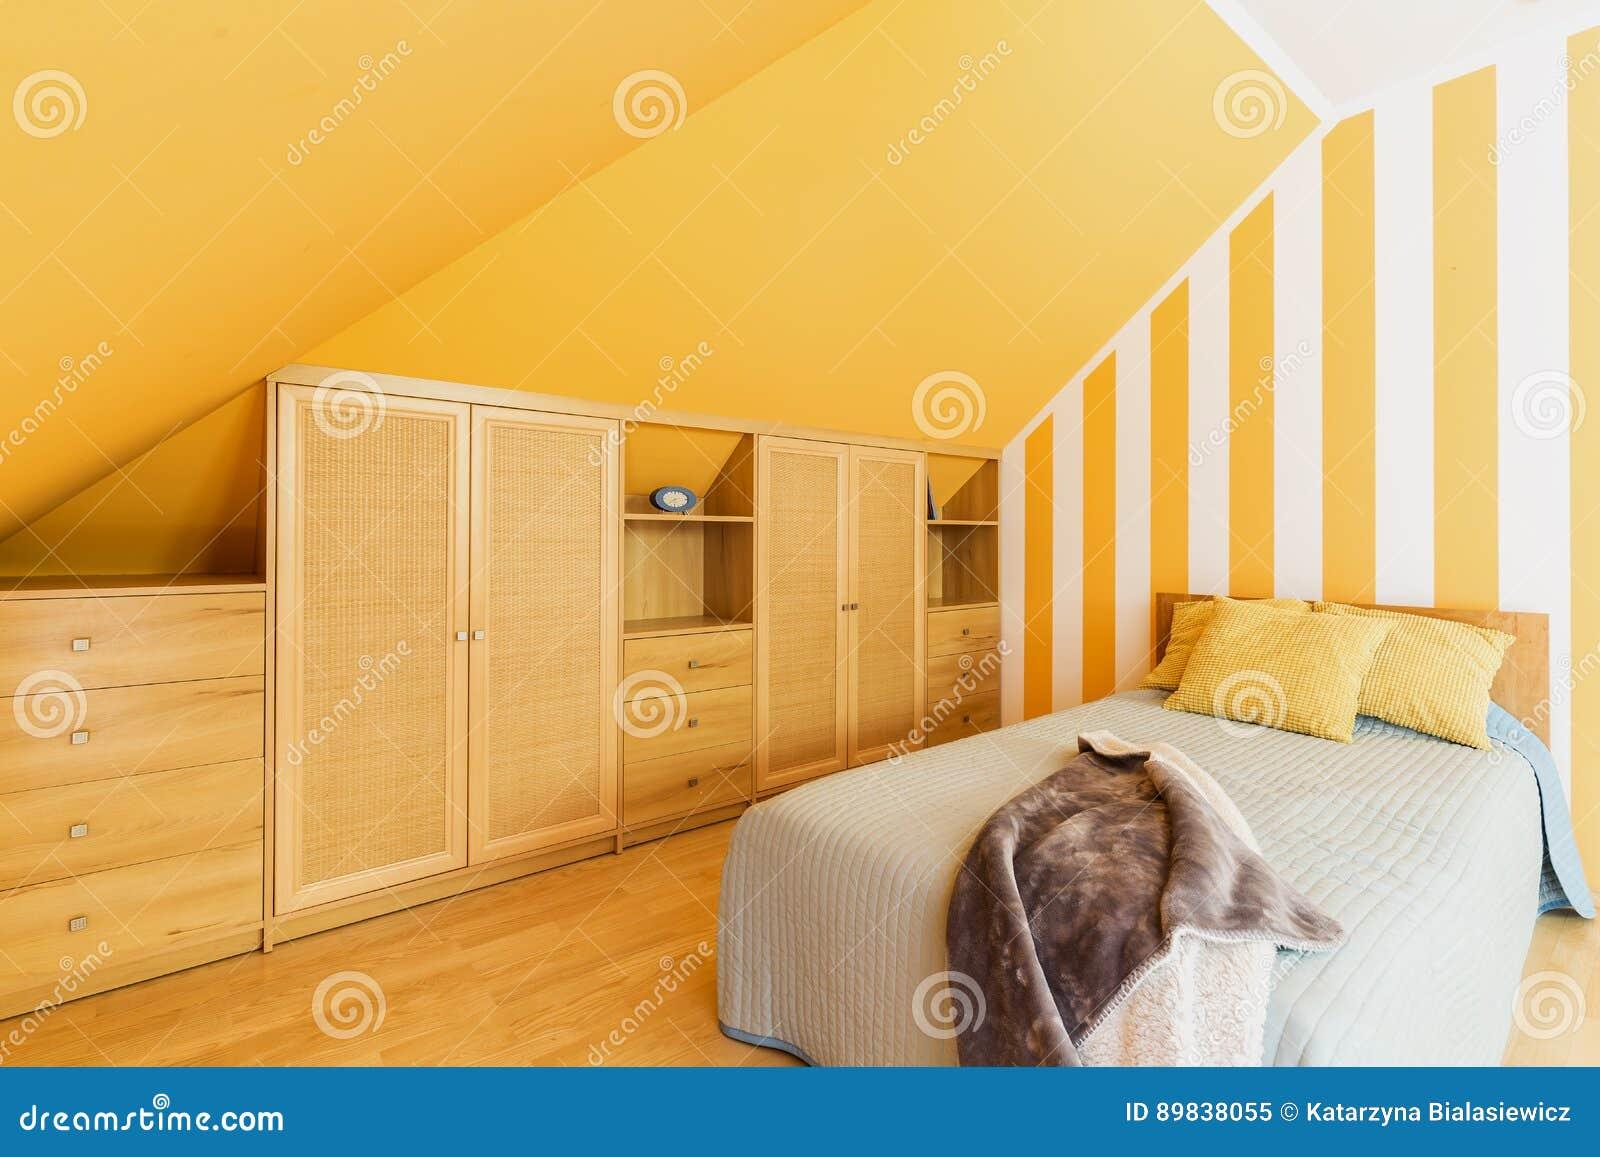 Gele Muur Slaapkamer : Zolderslaapkamer met intense gele muren stock afbeelding